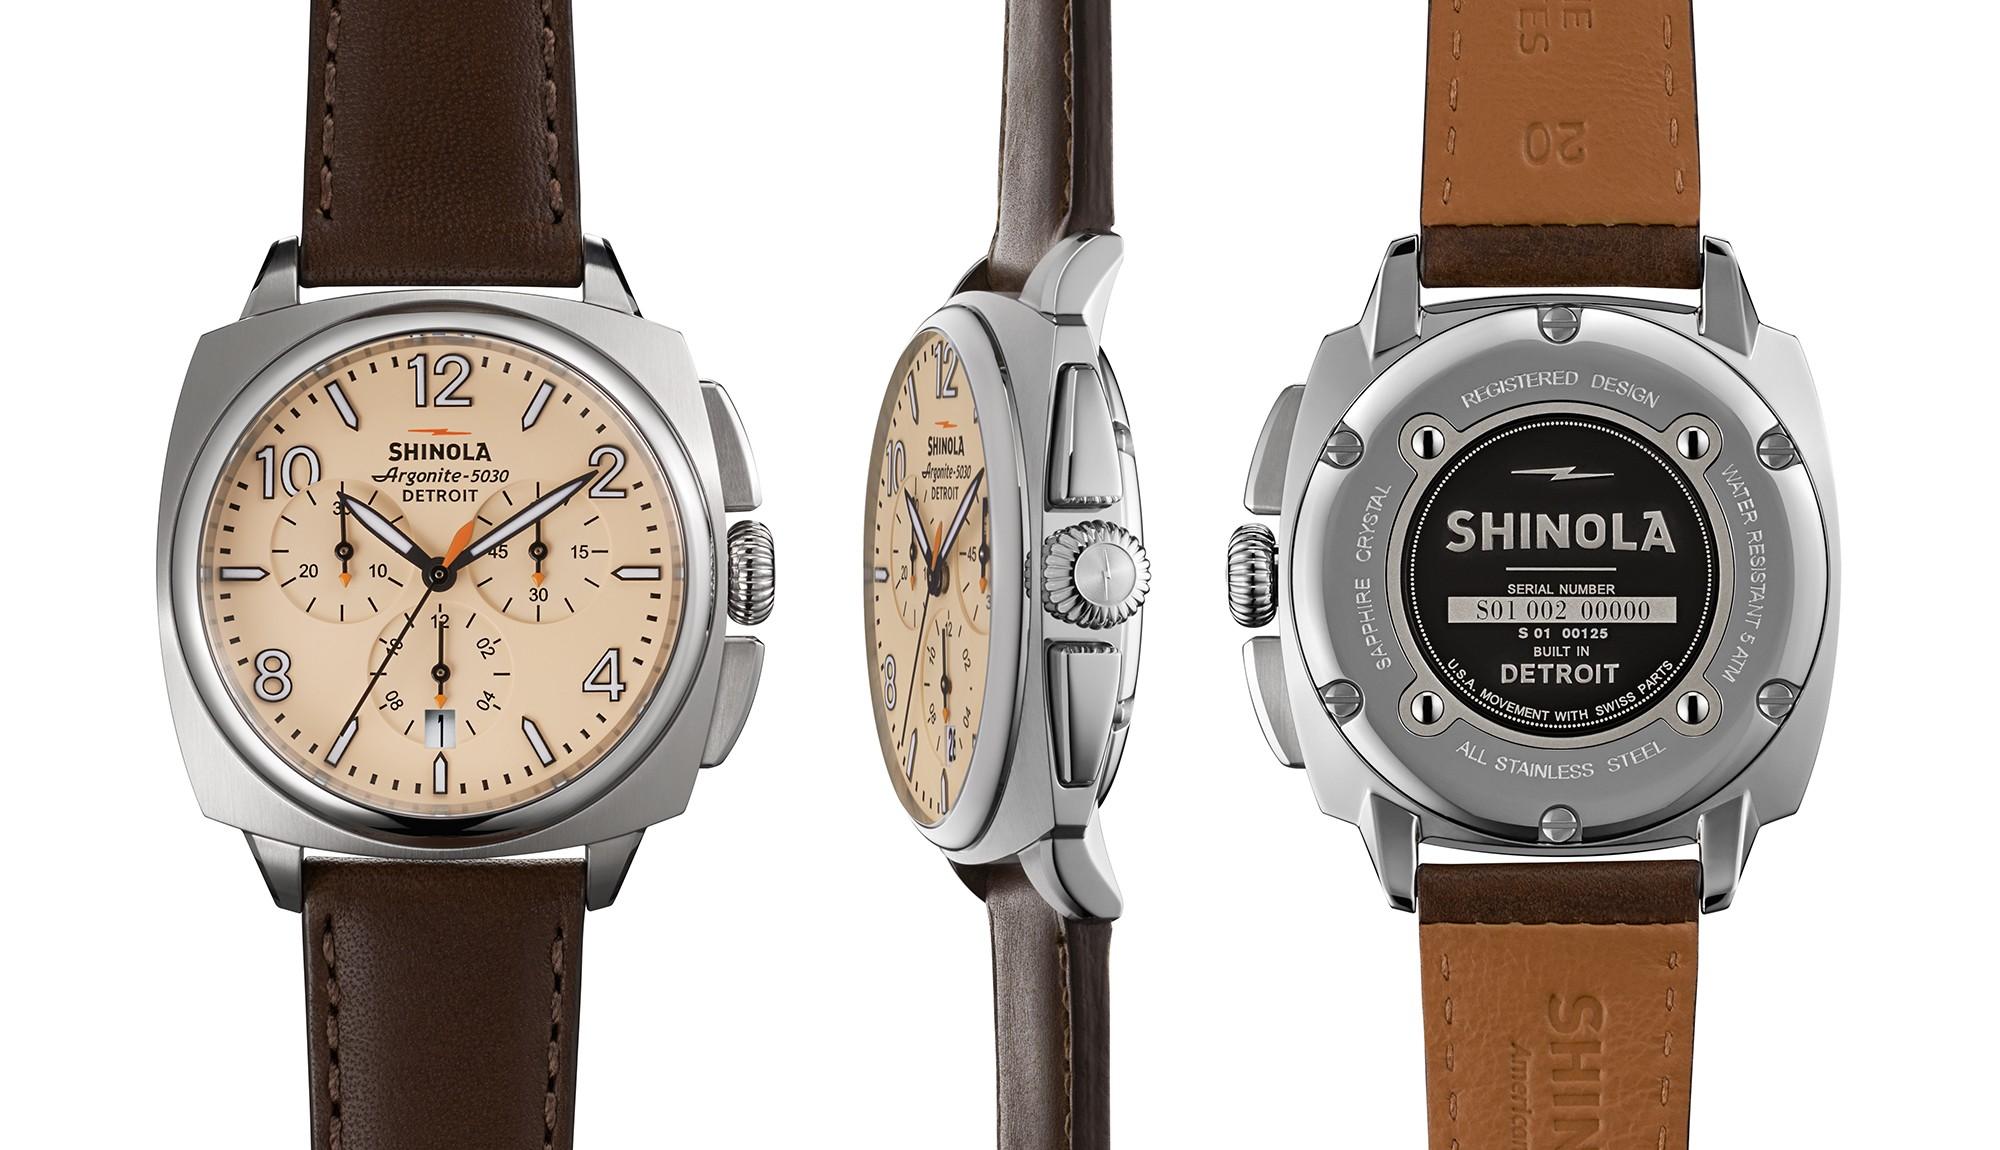 watches_s_01_00125_ph_2000x1150